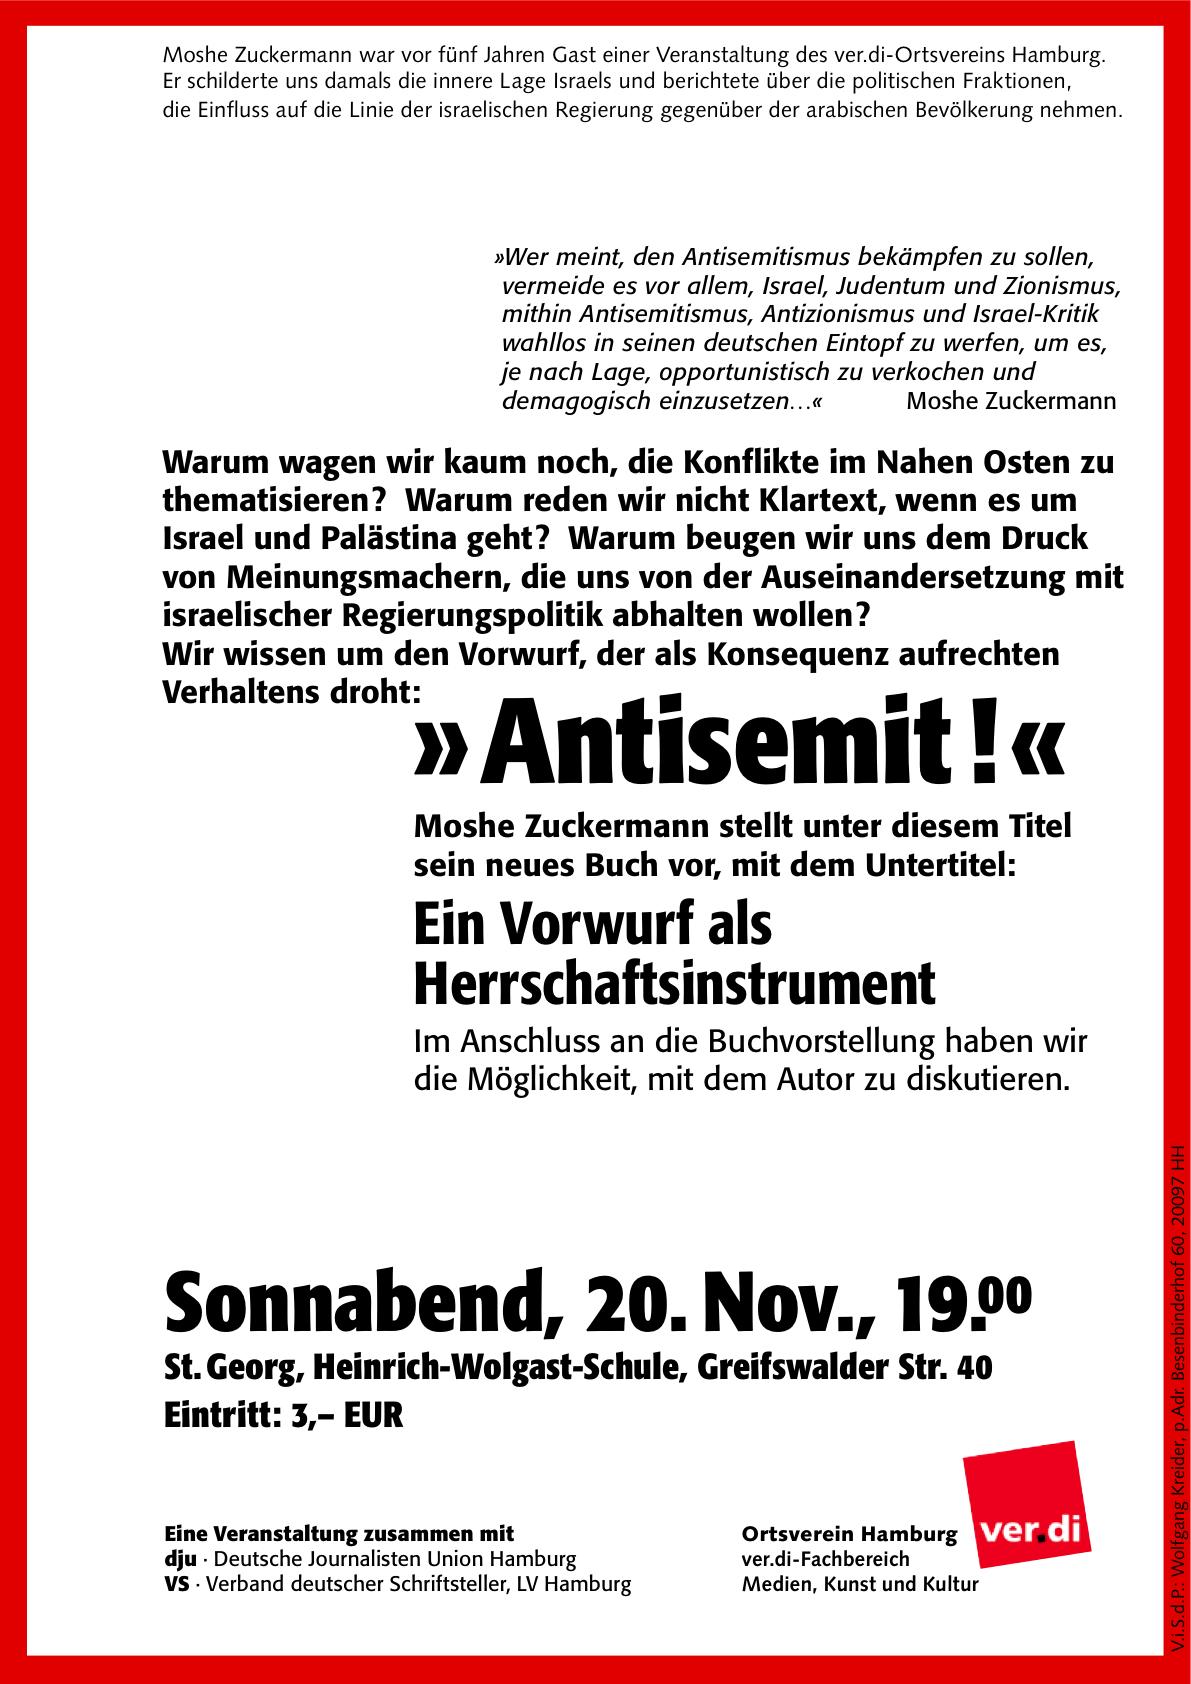 deutsche journalisten union